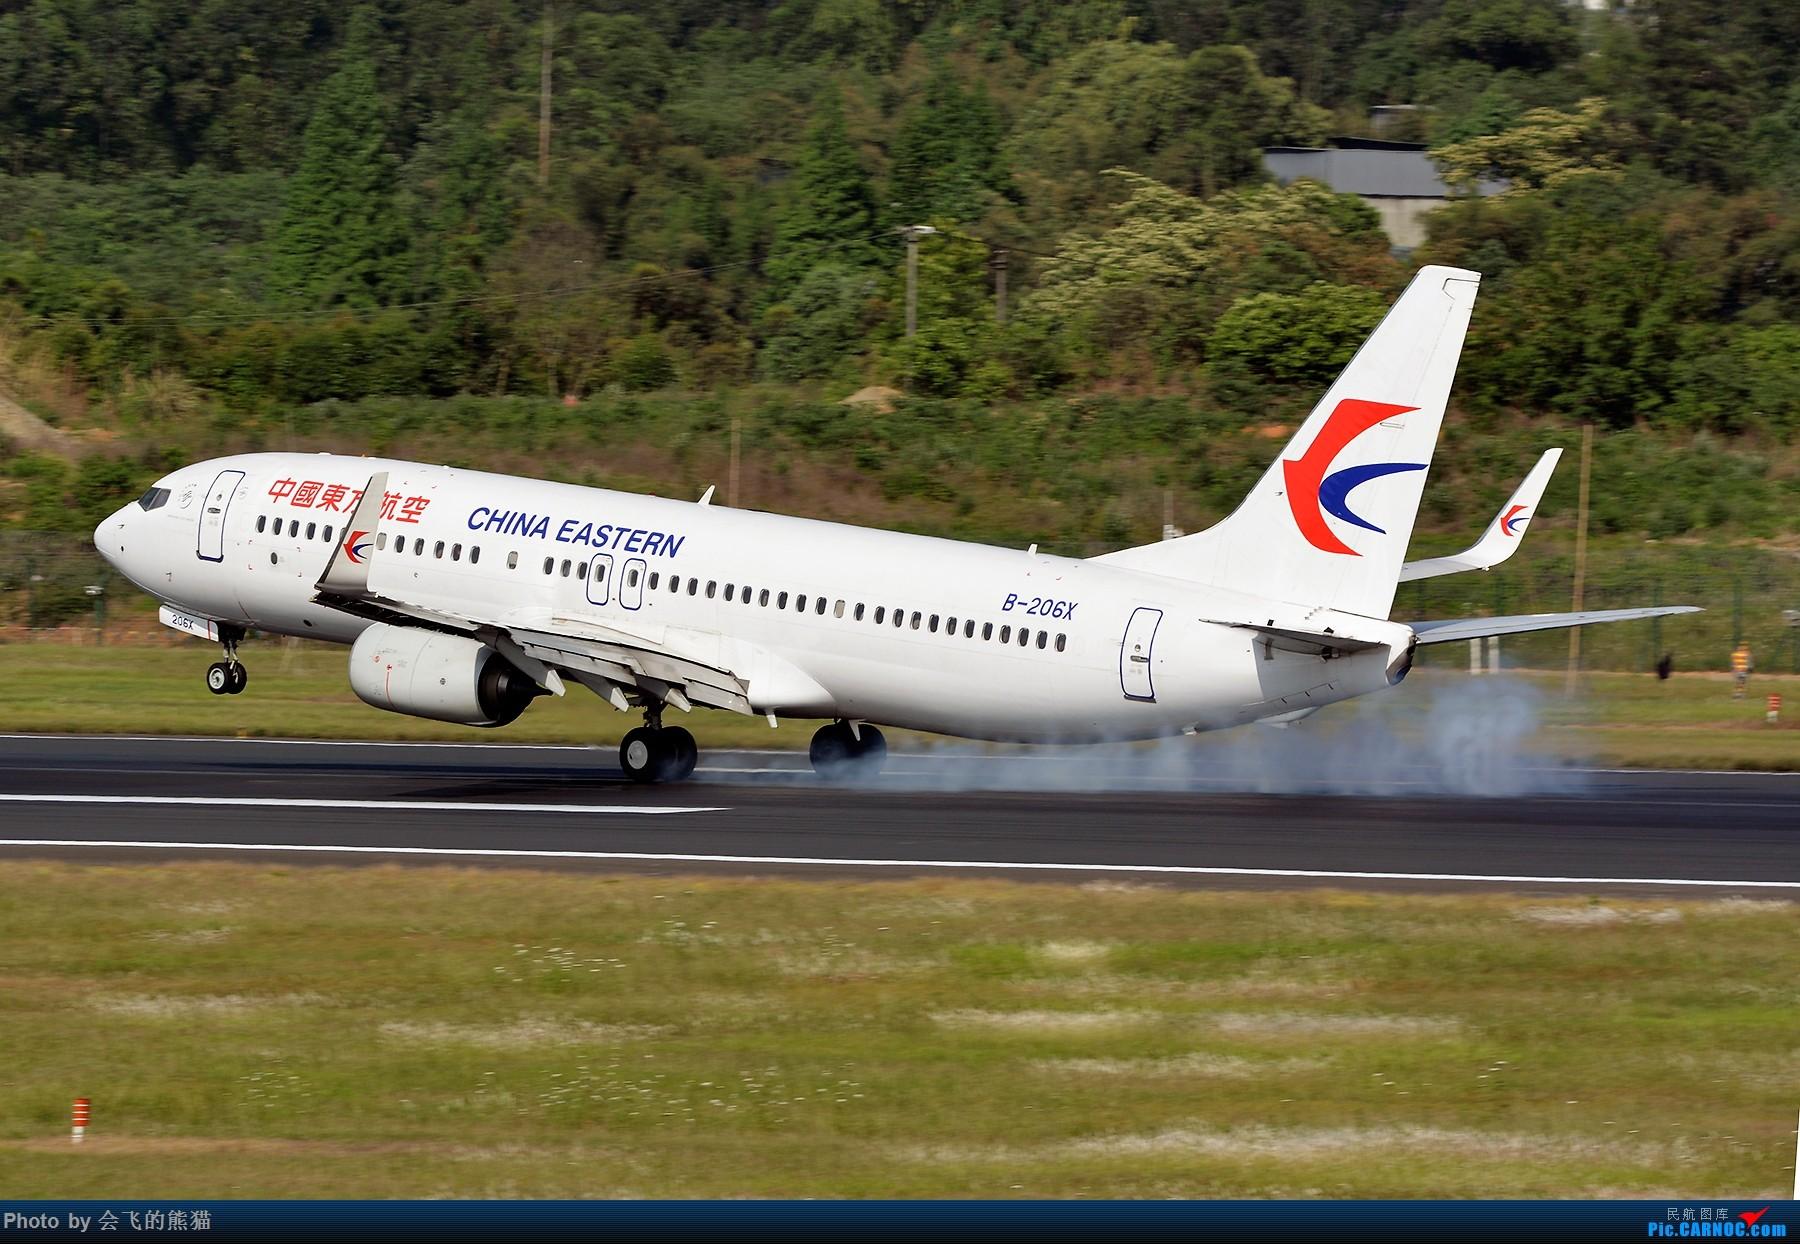 Re:[原创]偷得浮生半日闲 BOEING 737-800 B-206X 中国成都双流国际机场